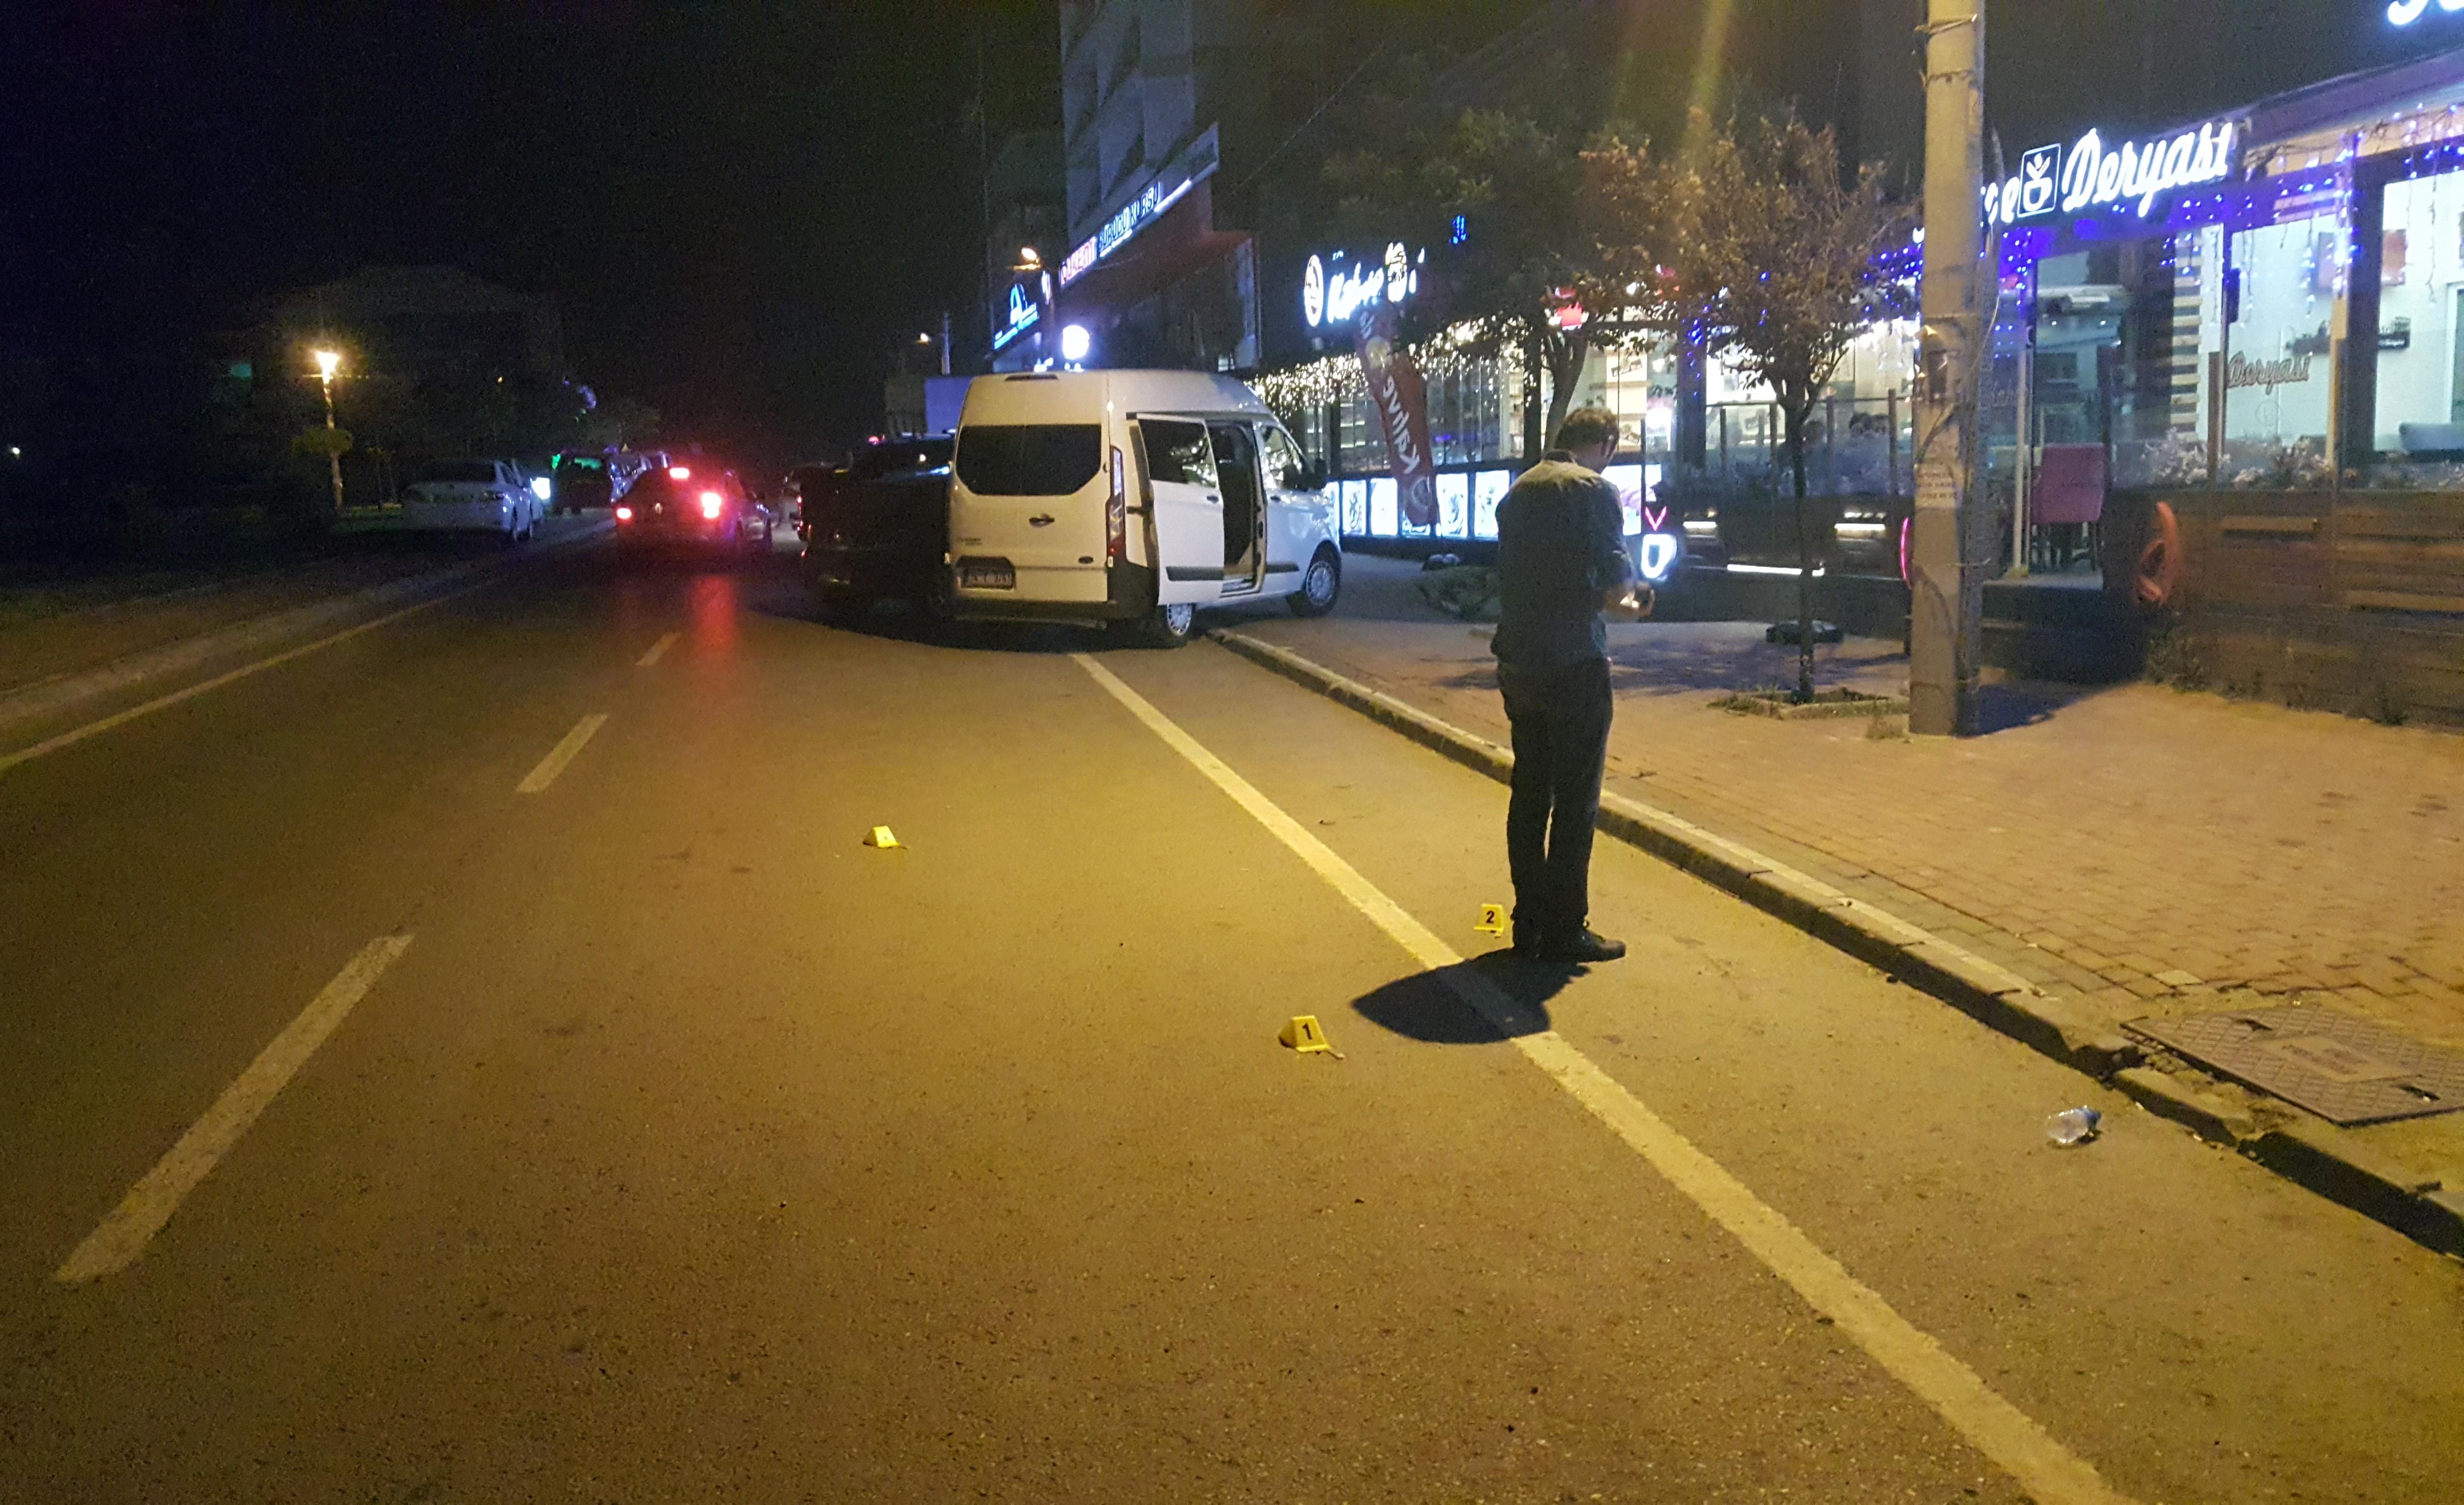 Kafeye giderken otomobilden açılan ateşle yaralandıKafeye giderken otomobilden açılan ateşle yaralandı